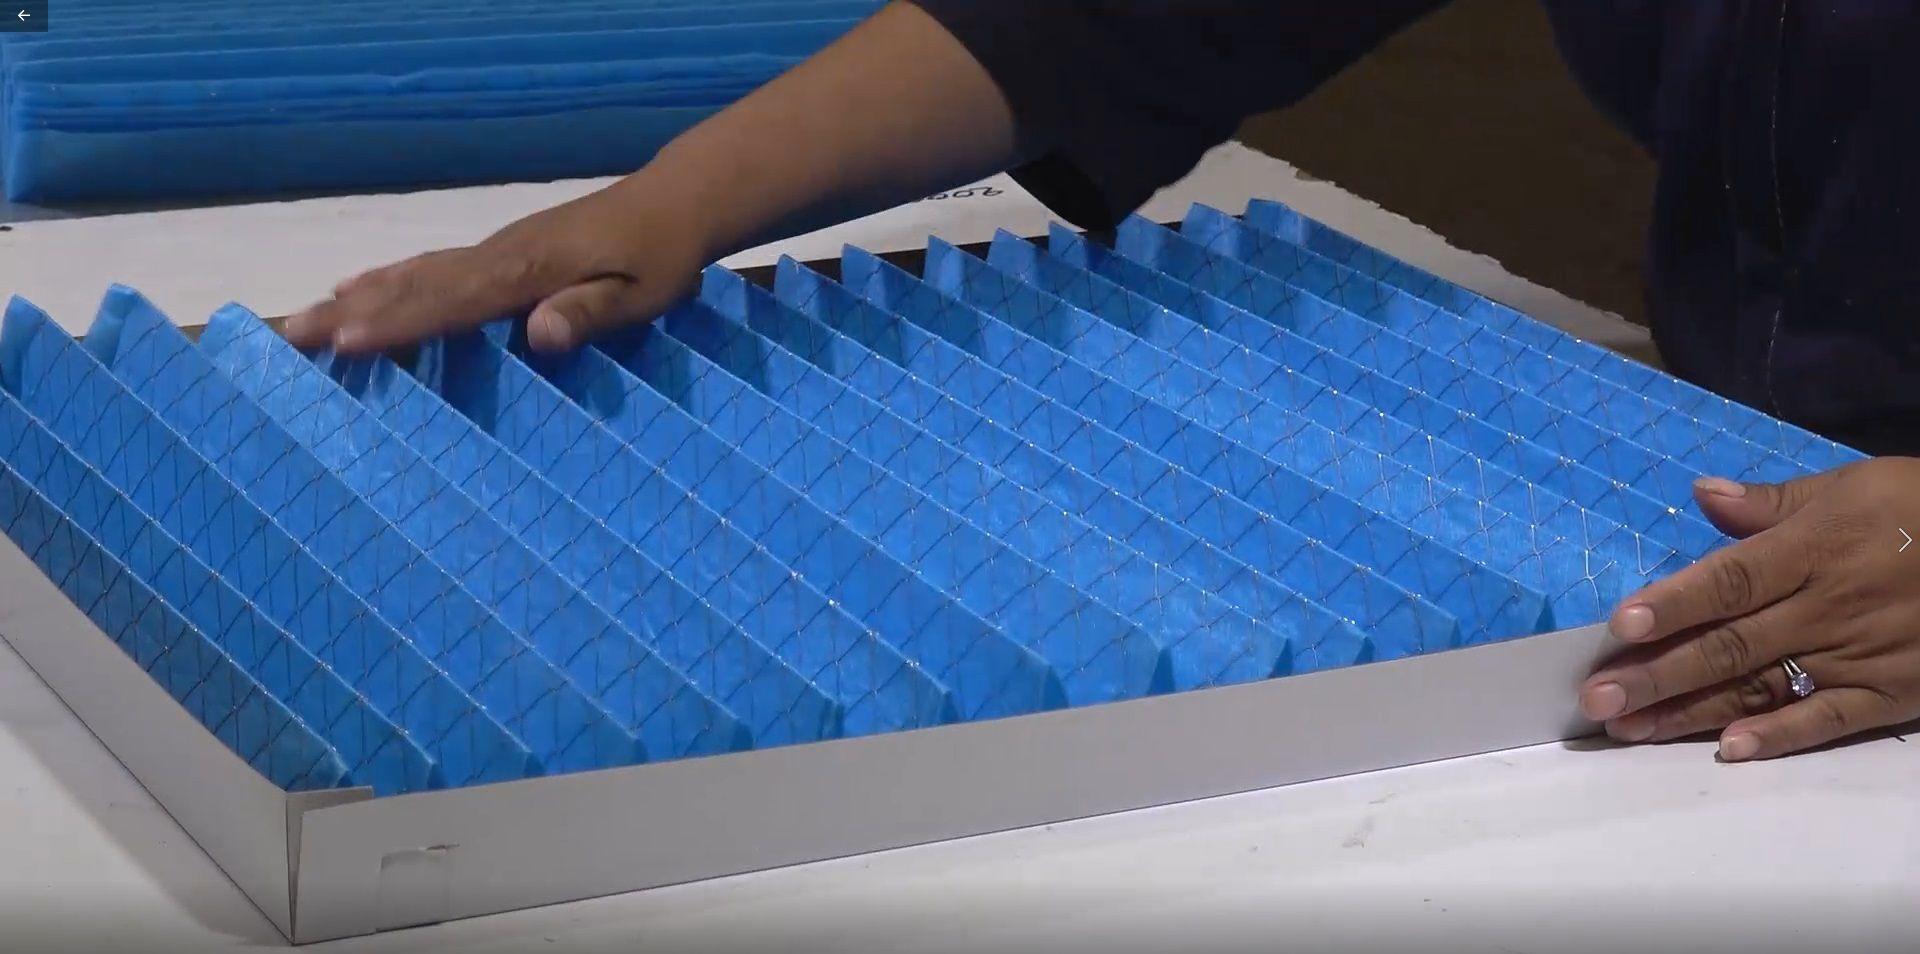 Conoce el amplio catálogo de filtros industriales Macrofilter®, proyectos de HVAC y servicios a sistemas de filtración by Filtros y Mallas de Puebla